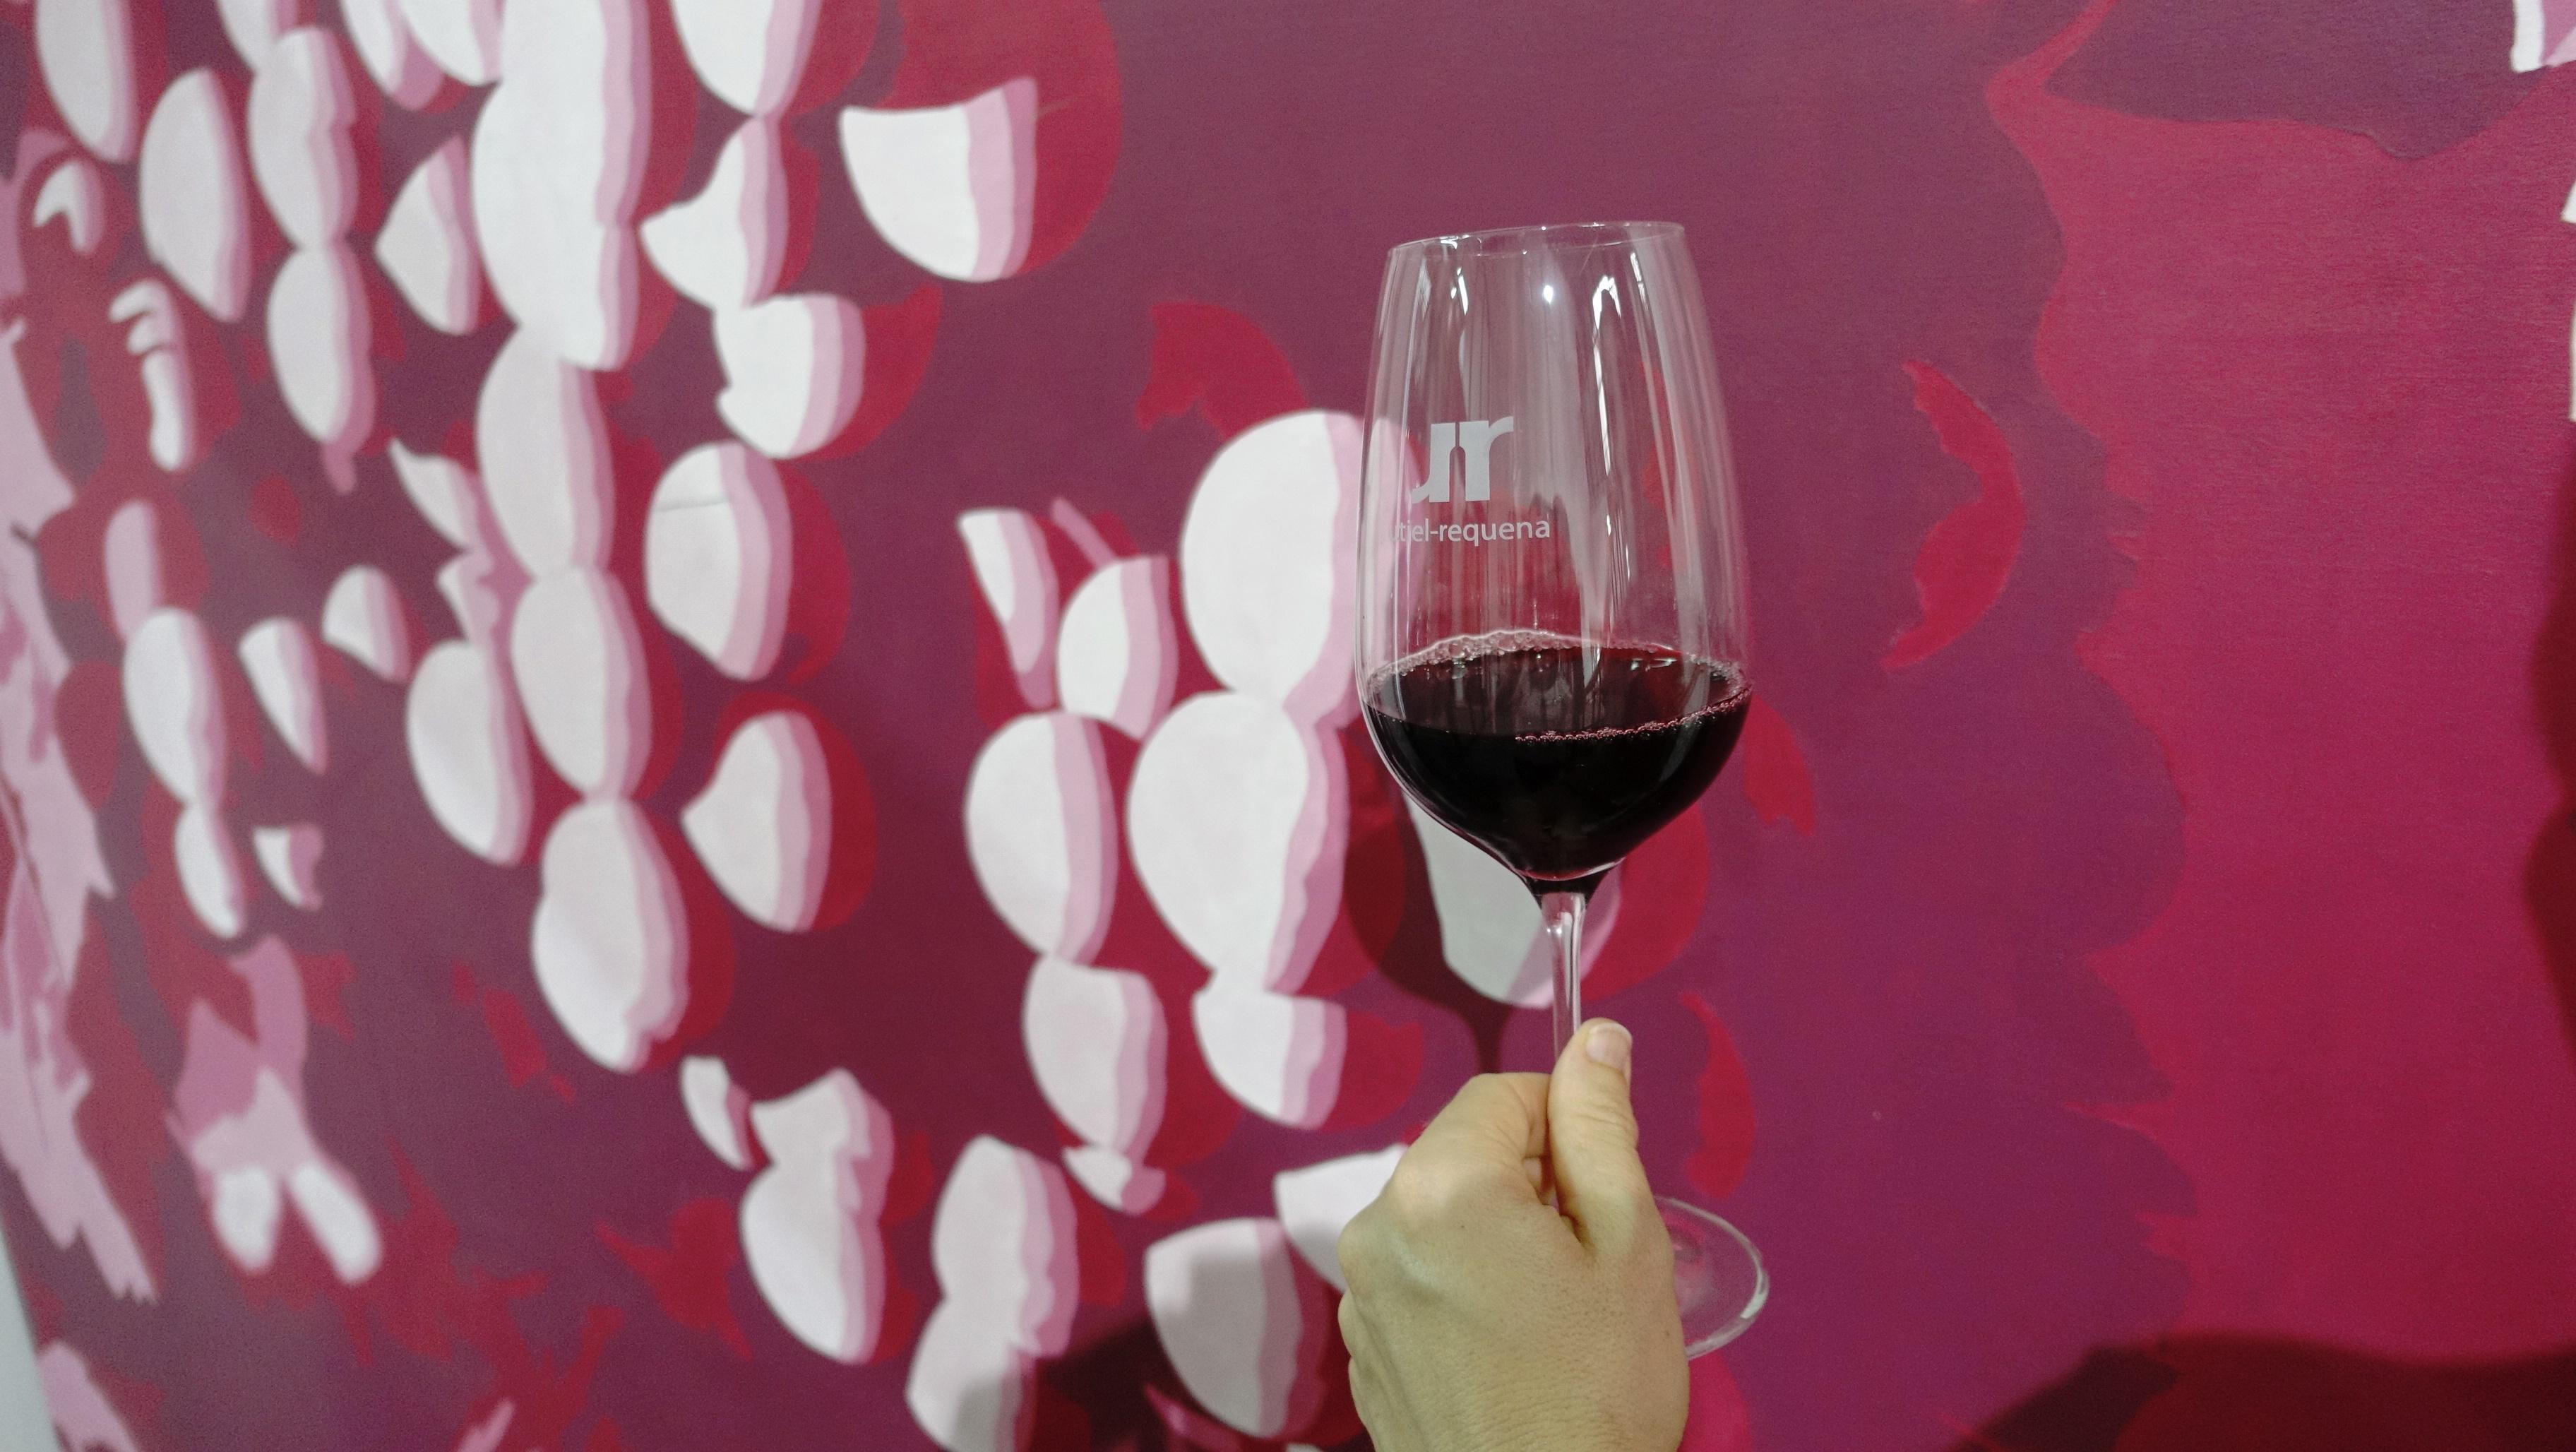 La propuesta 'CatArte' es una cata comentada en la que se pondrán en relación dos vinos y un cava con tres obras de arte expuestas en la muestra 'Memoria de la Modernidad'.